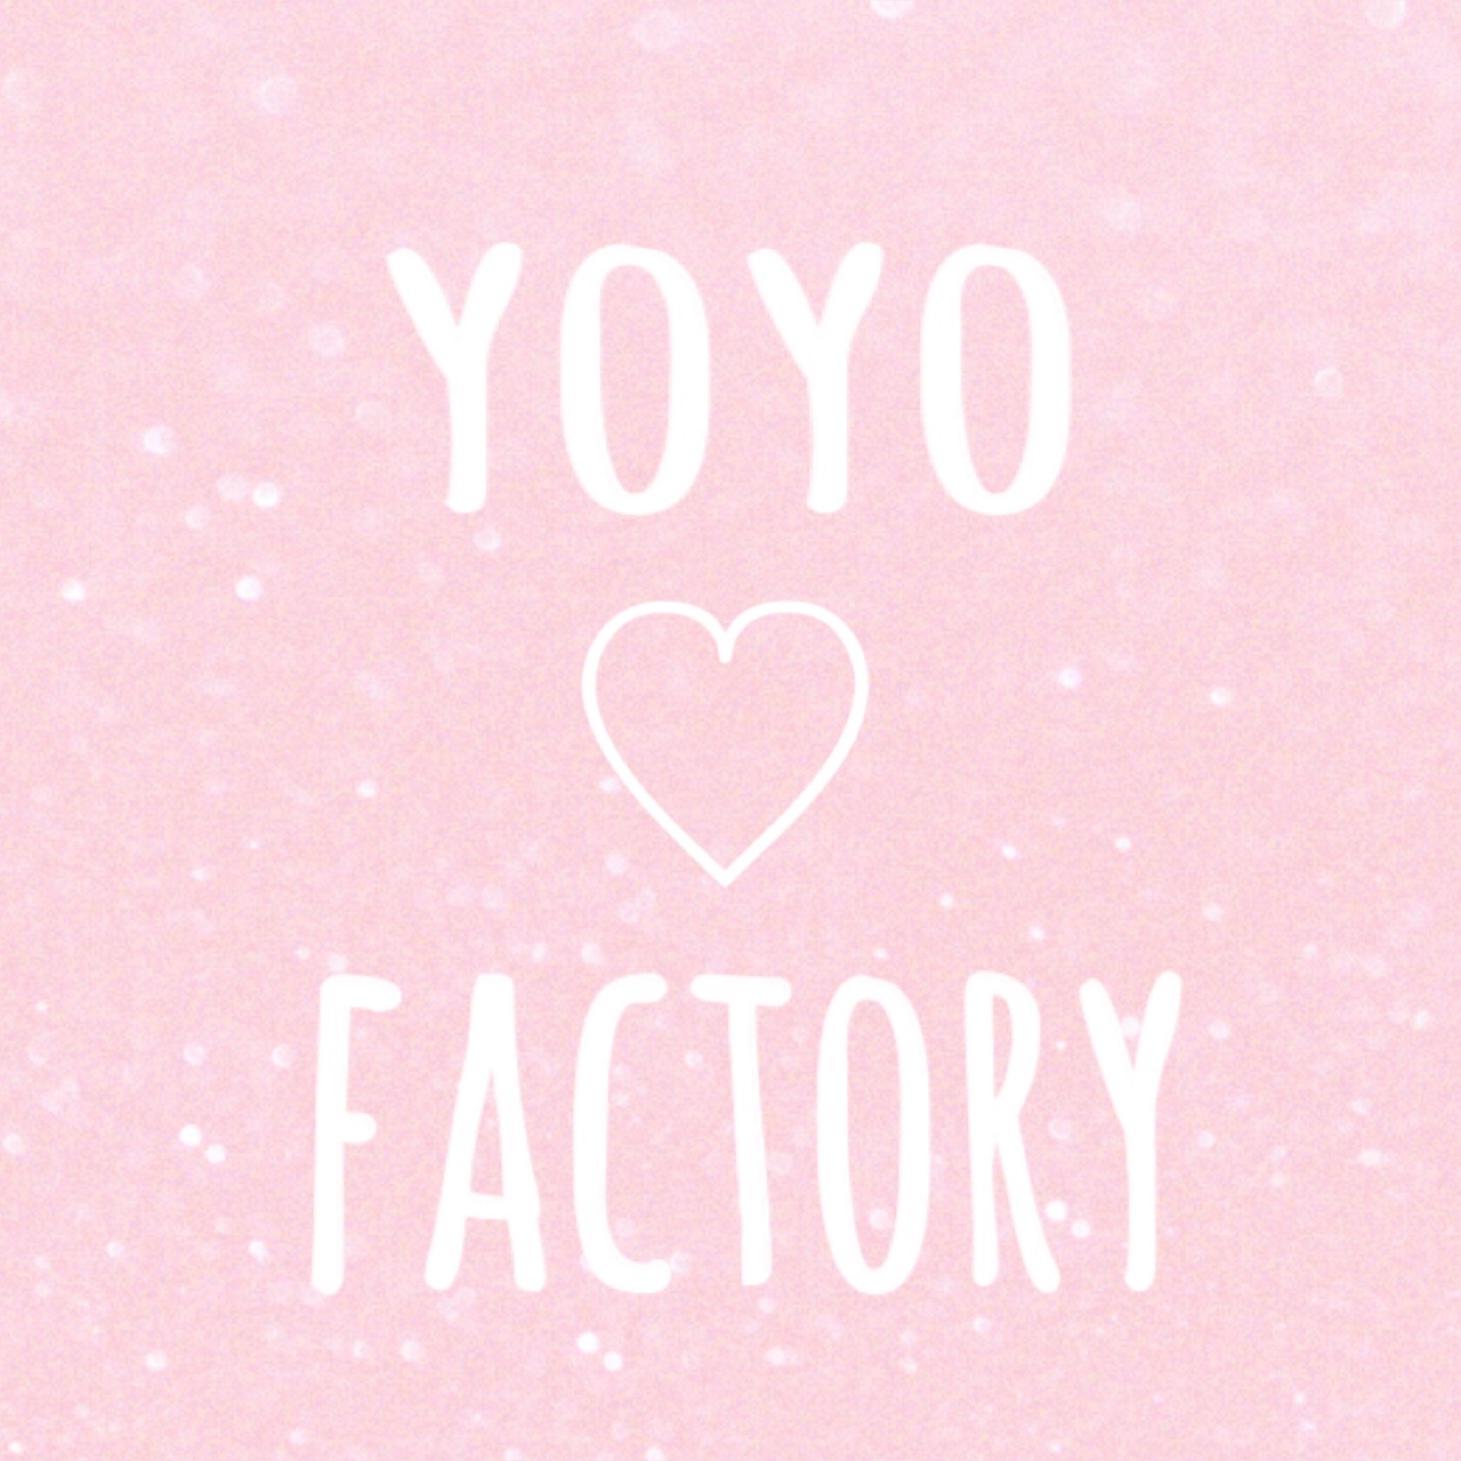 yoyo factory ヨヨ ファクトリー